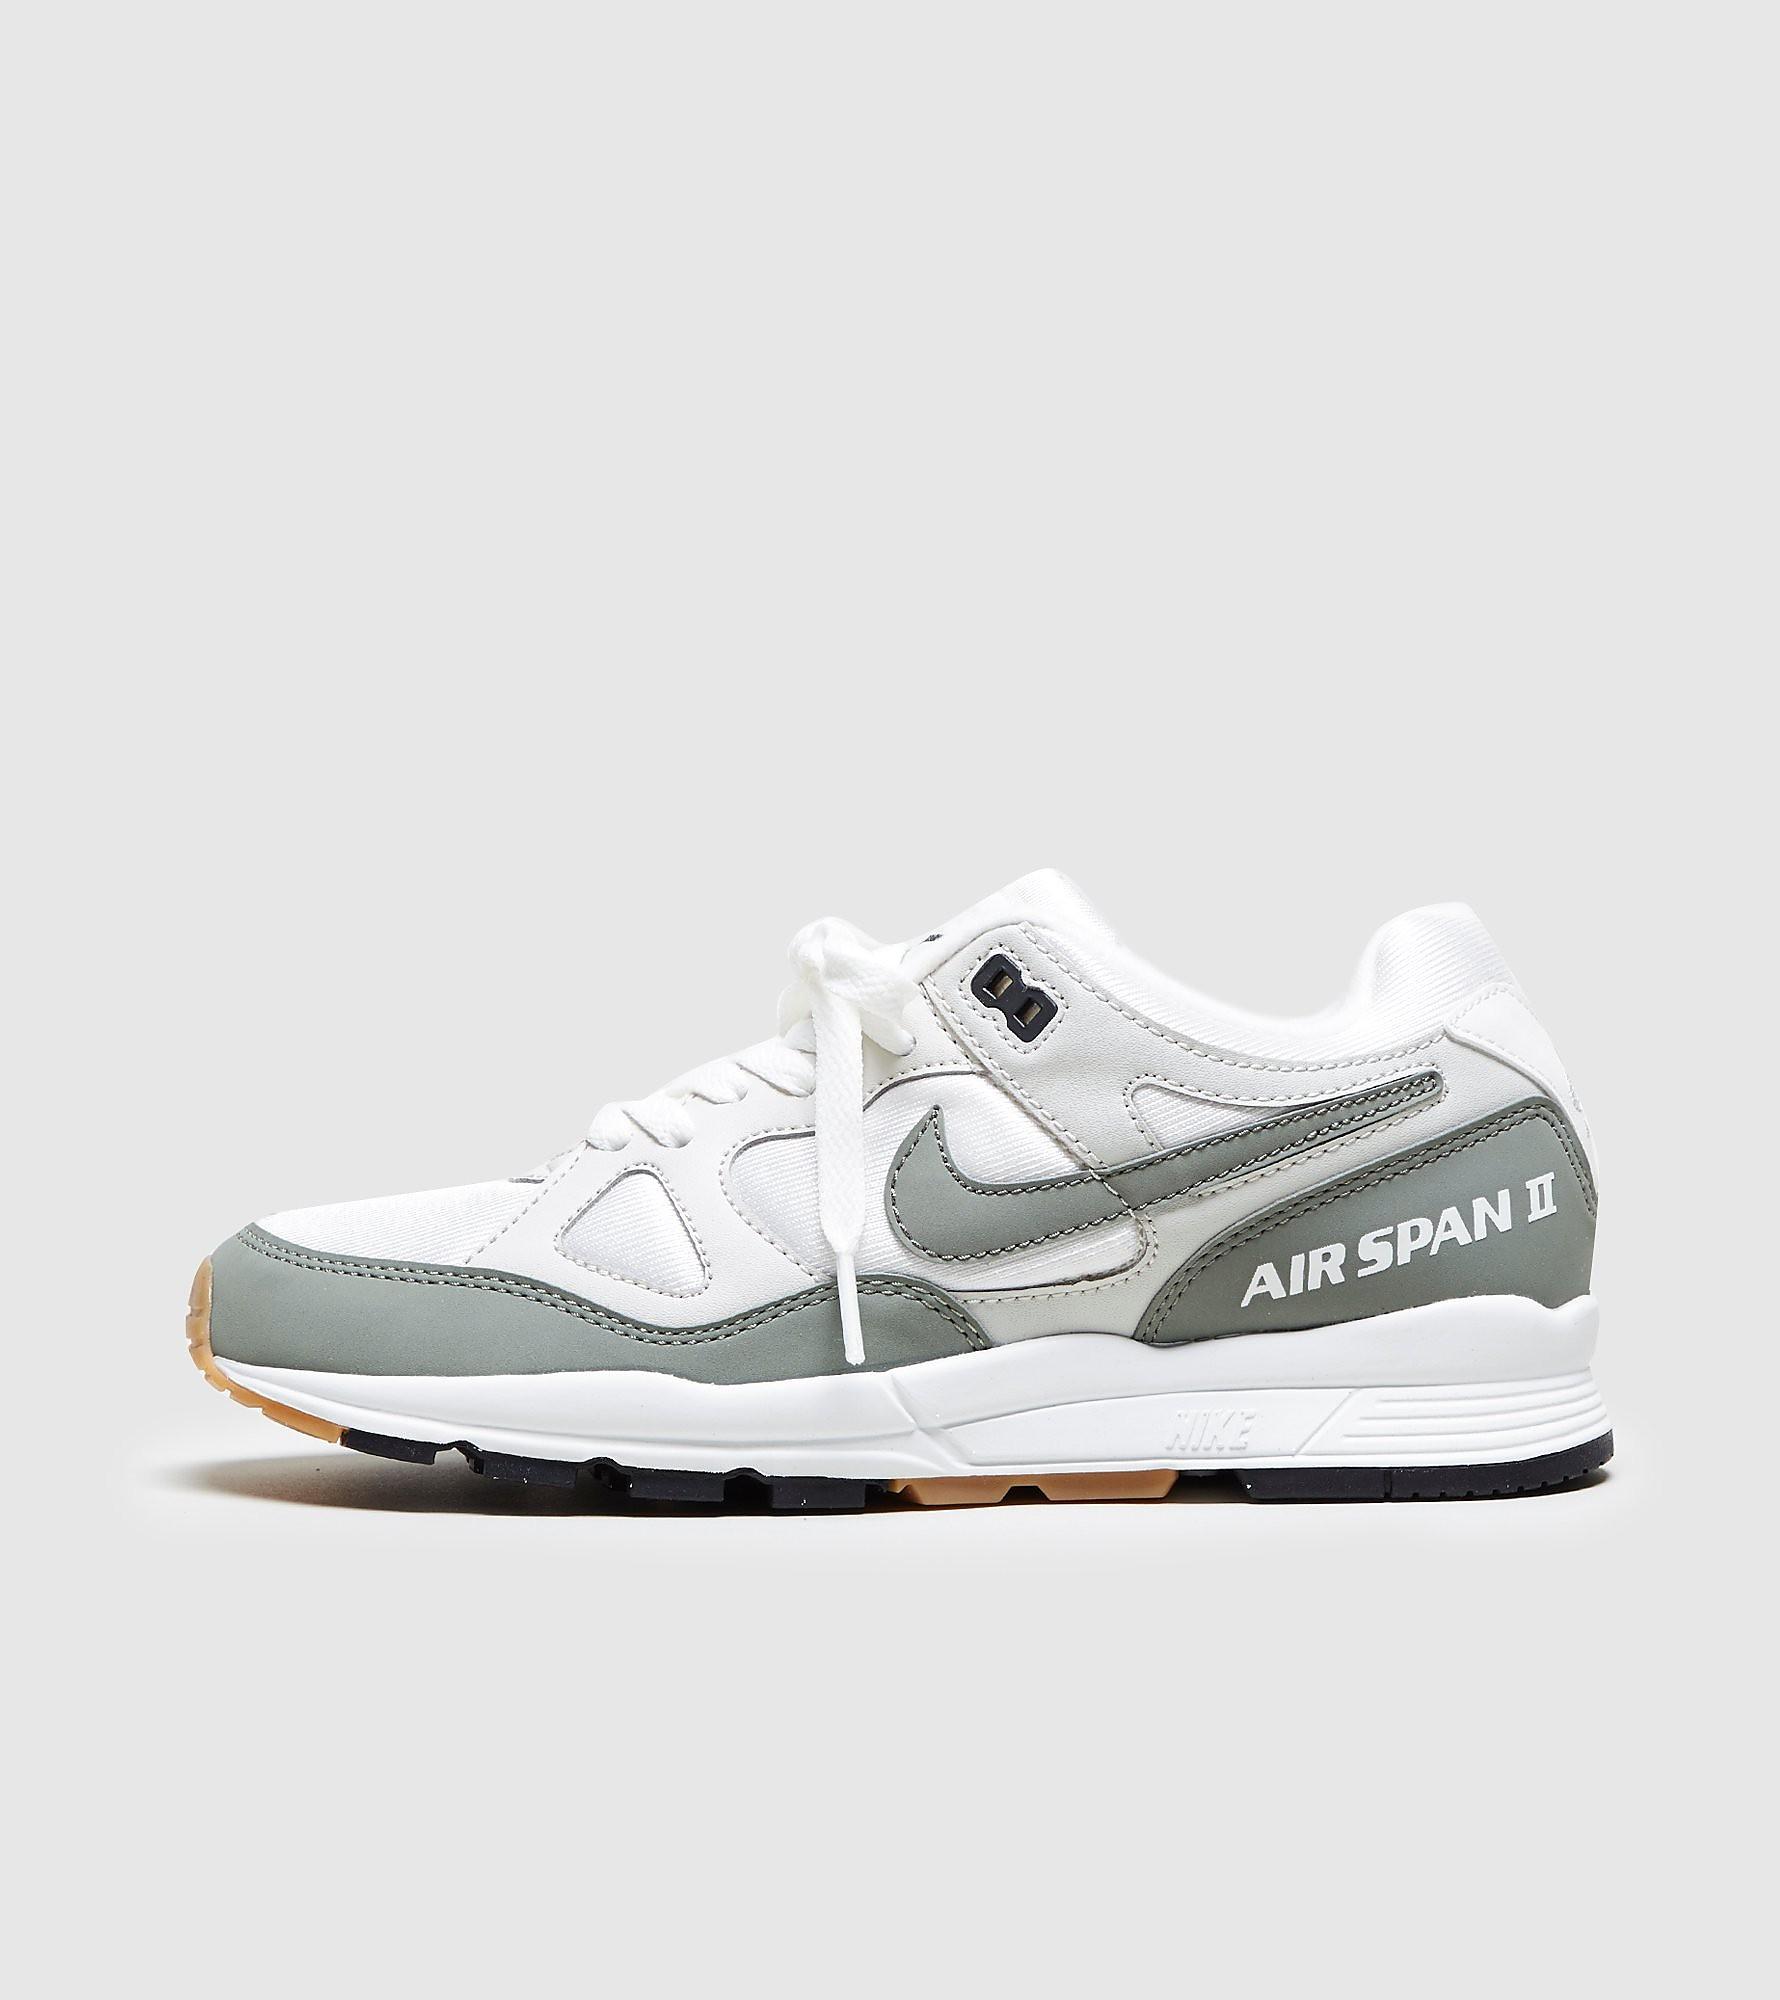 Nike Air Span II Femme